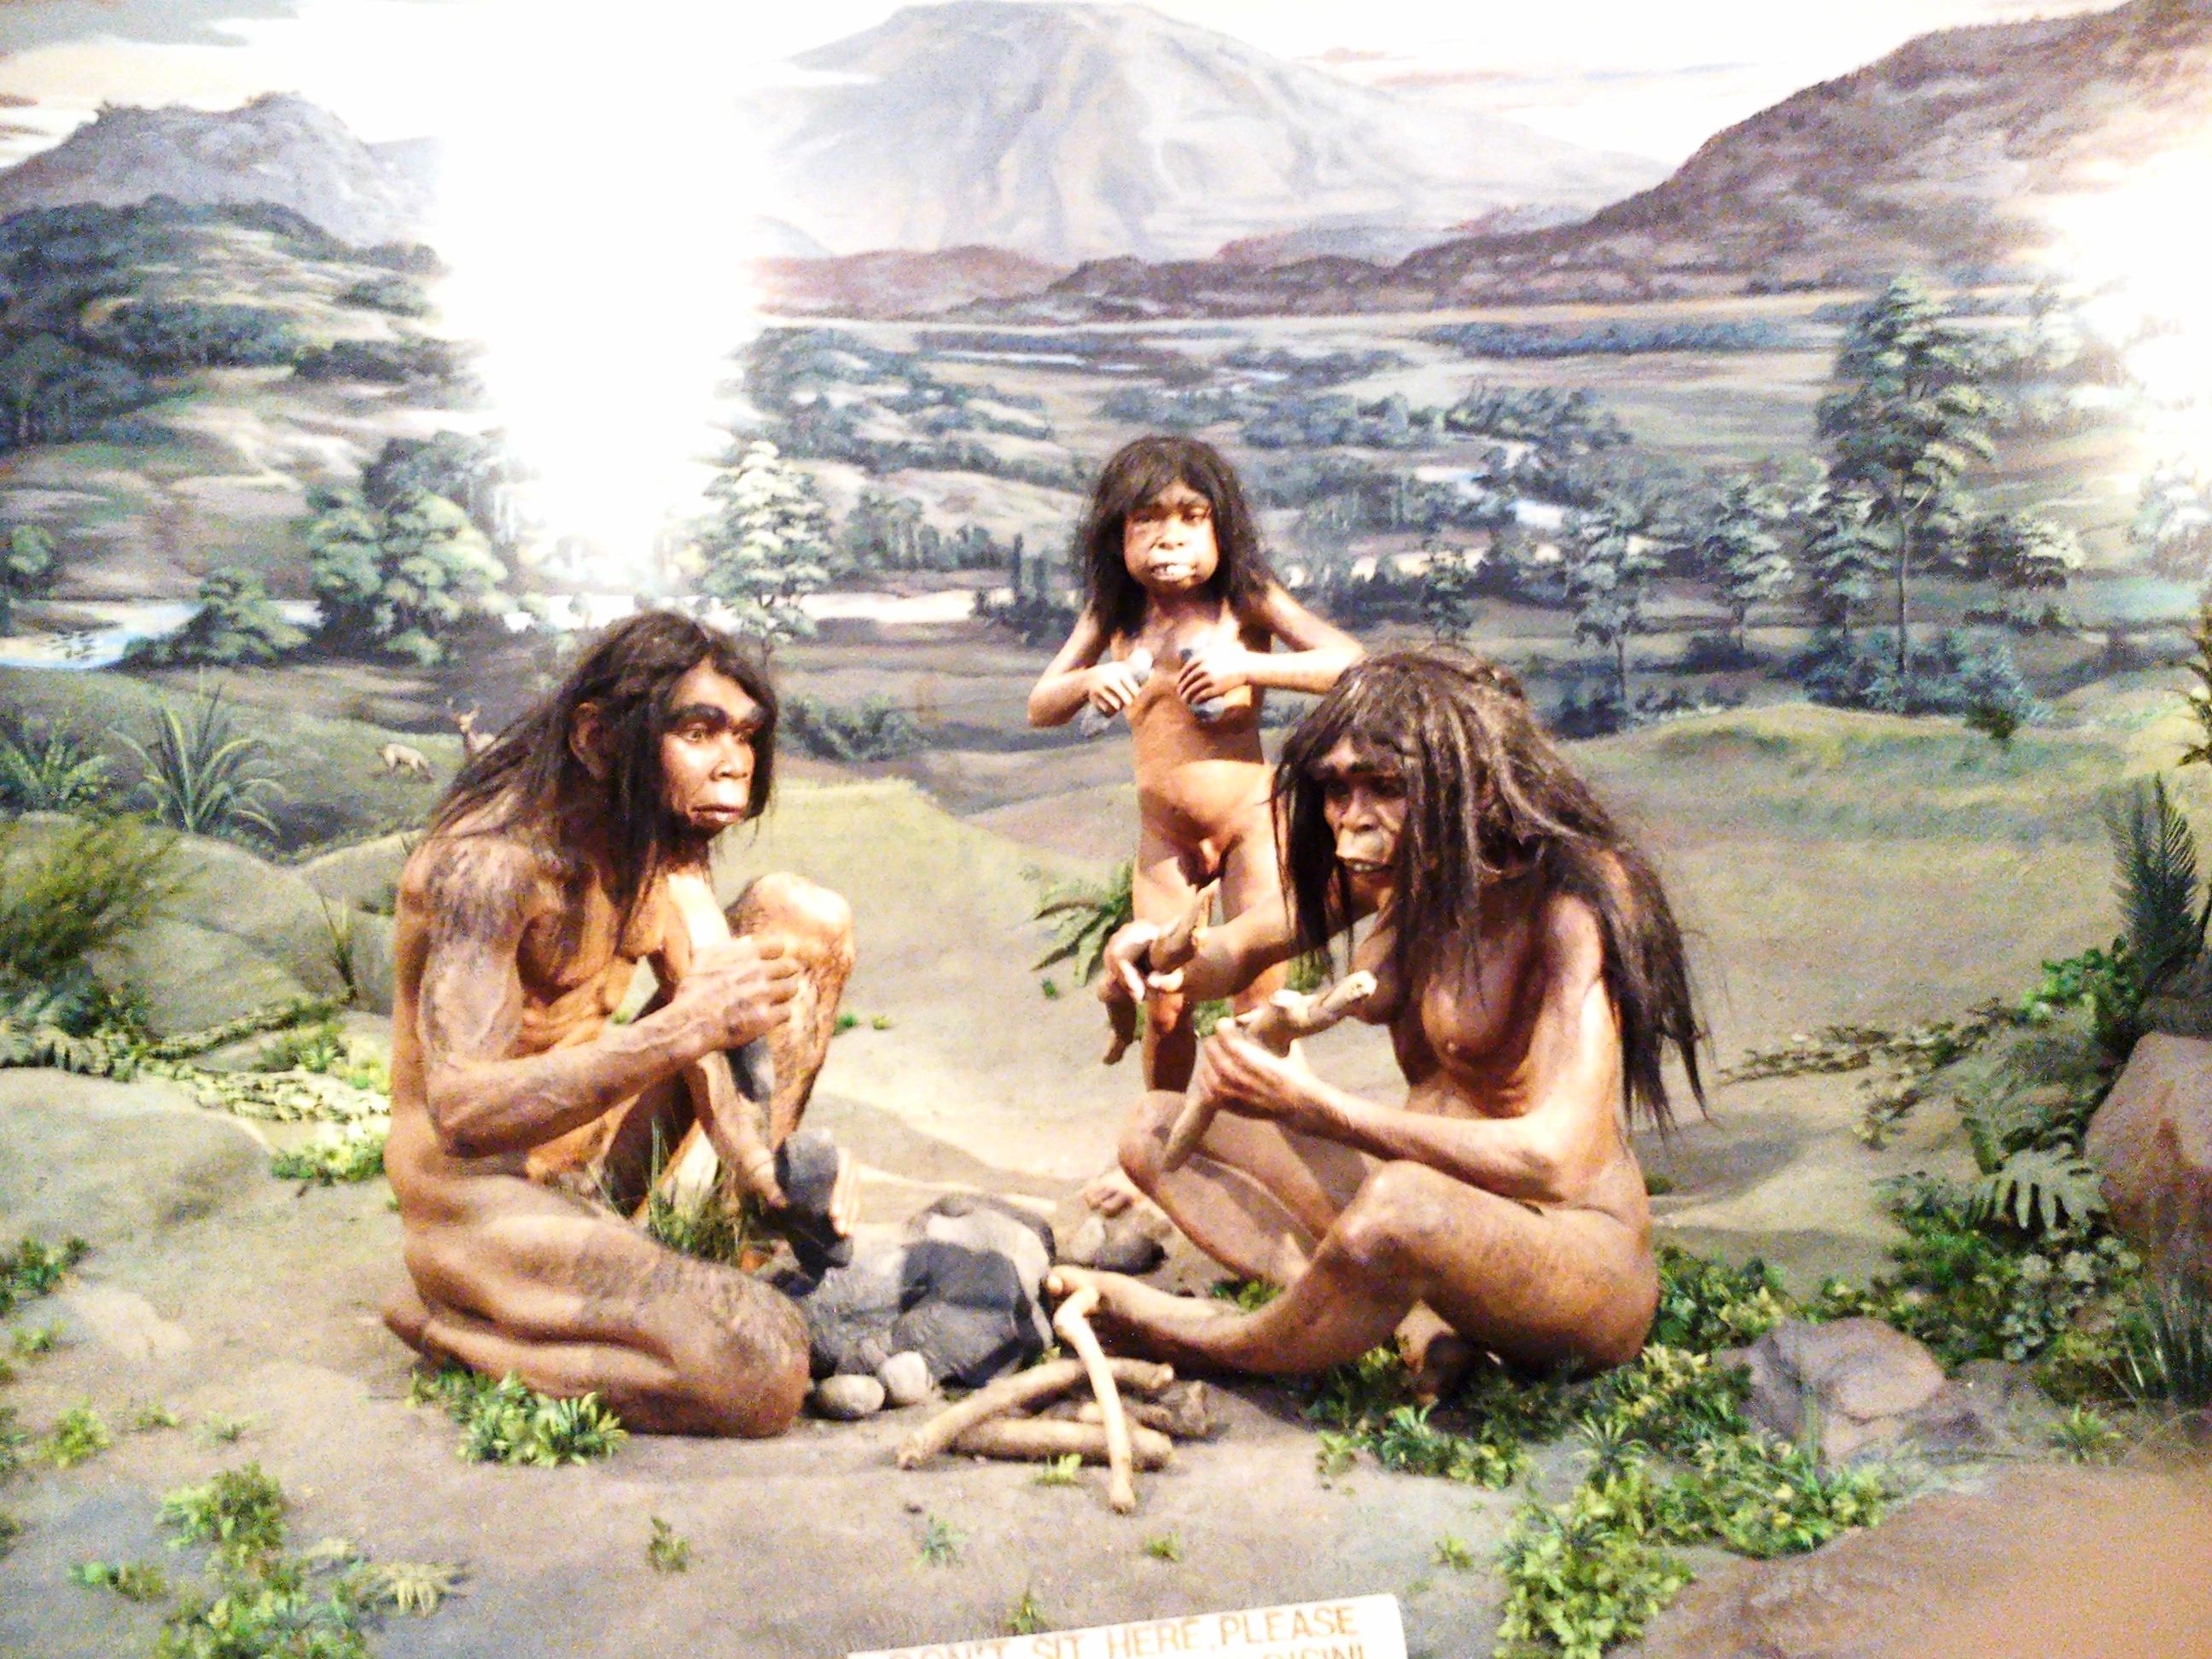 Familie de erectus